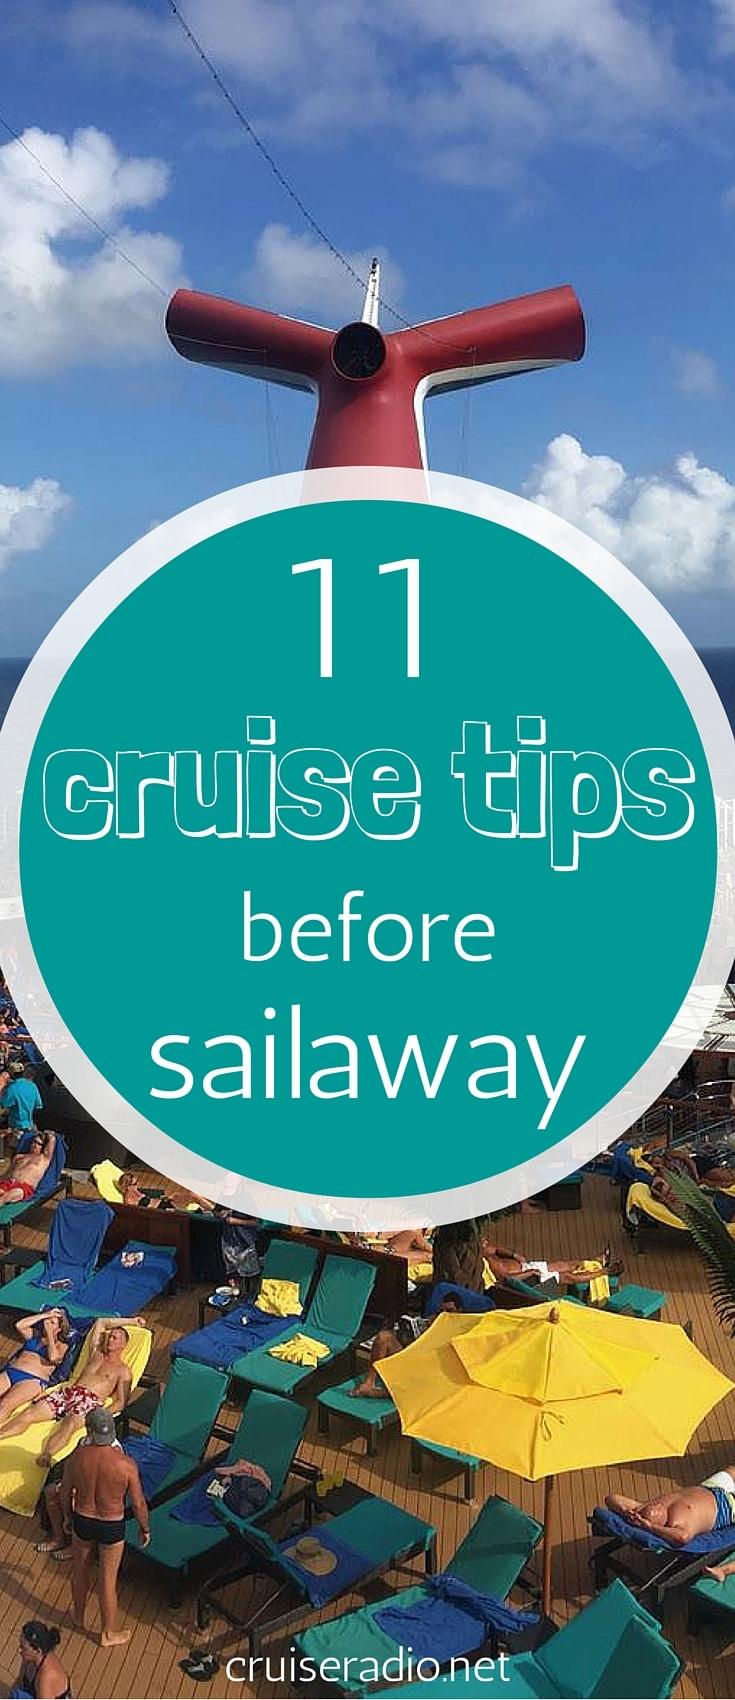 #cruise #cruiseship #travel #cruising